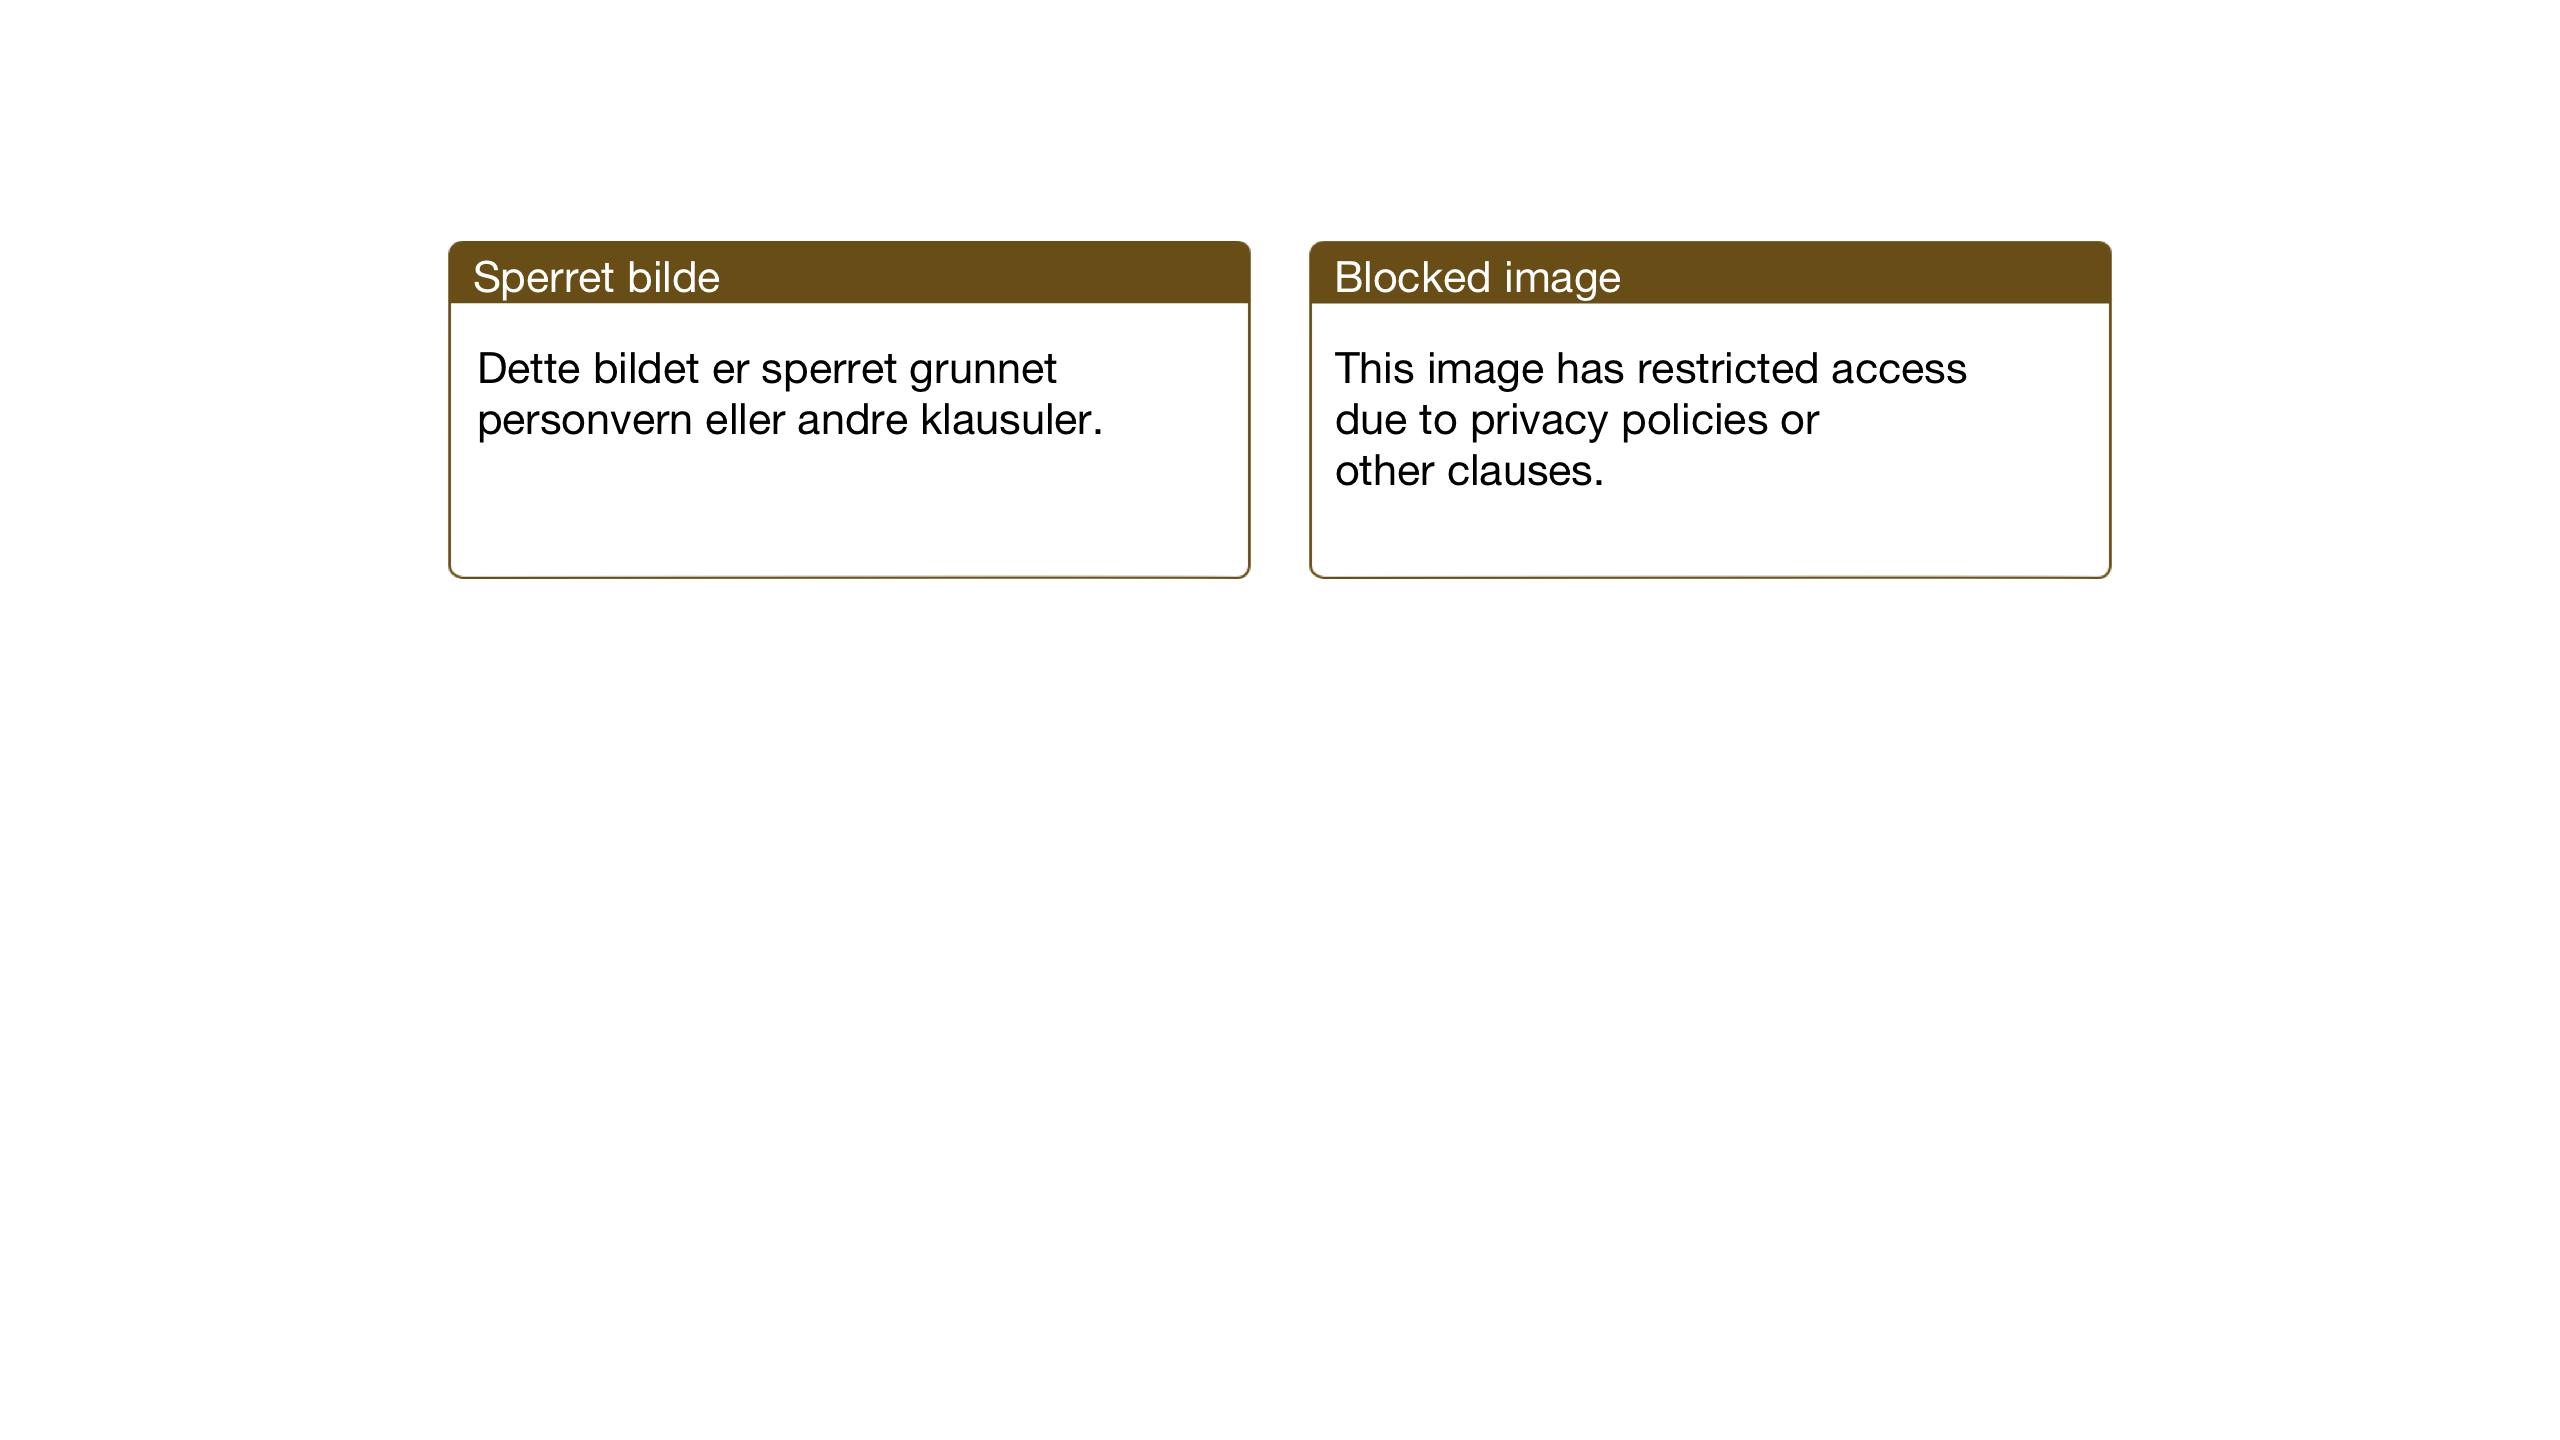 SAT, Ministerialprotokoller, klokkerbøker og fødselsregistre - Nord-Trøndelag, 770/L0592: Klokkerbok nr. 770C03, 1941-1950, s. 41